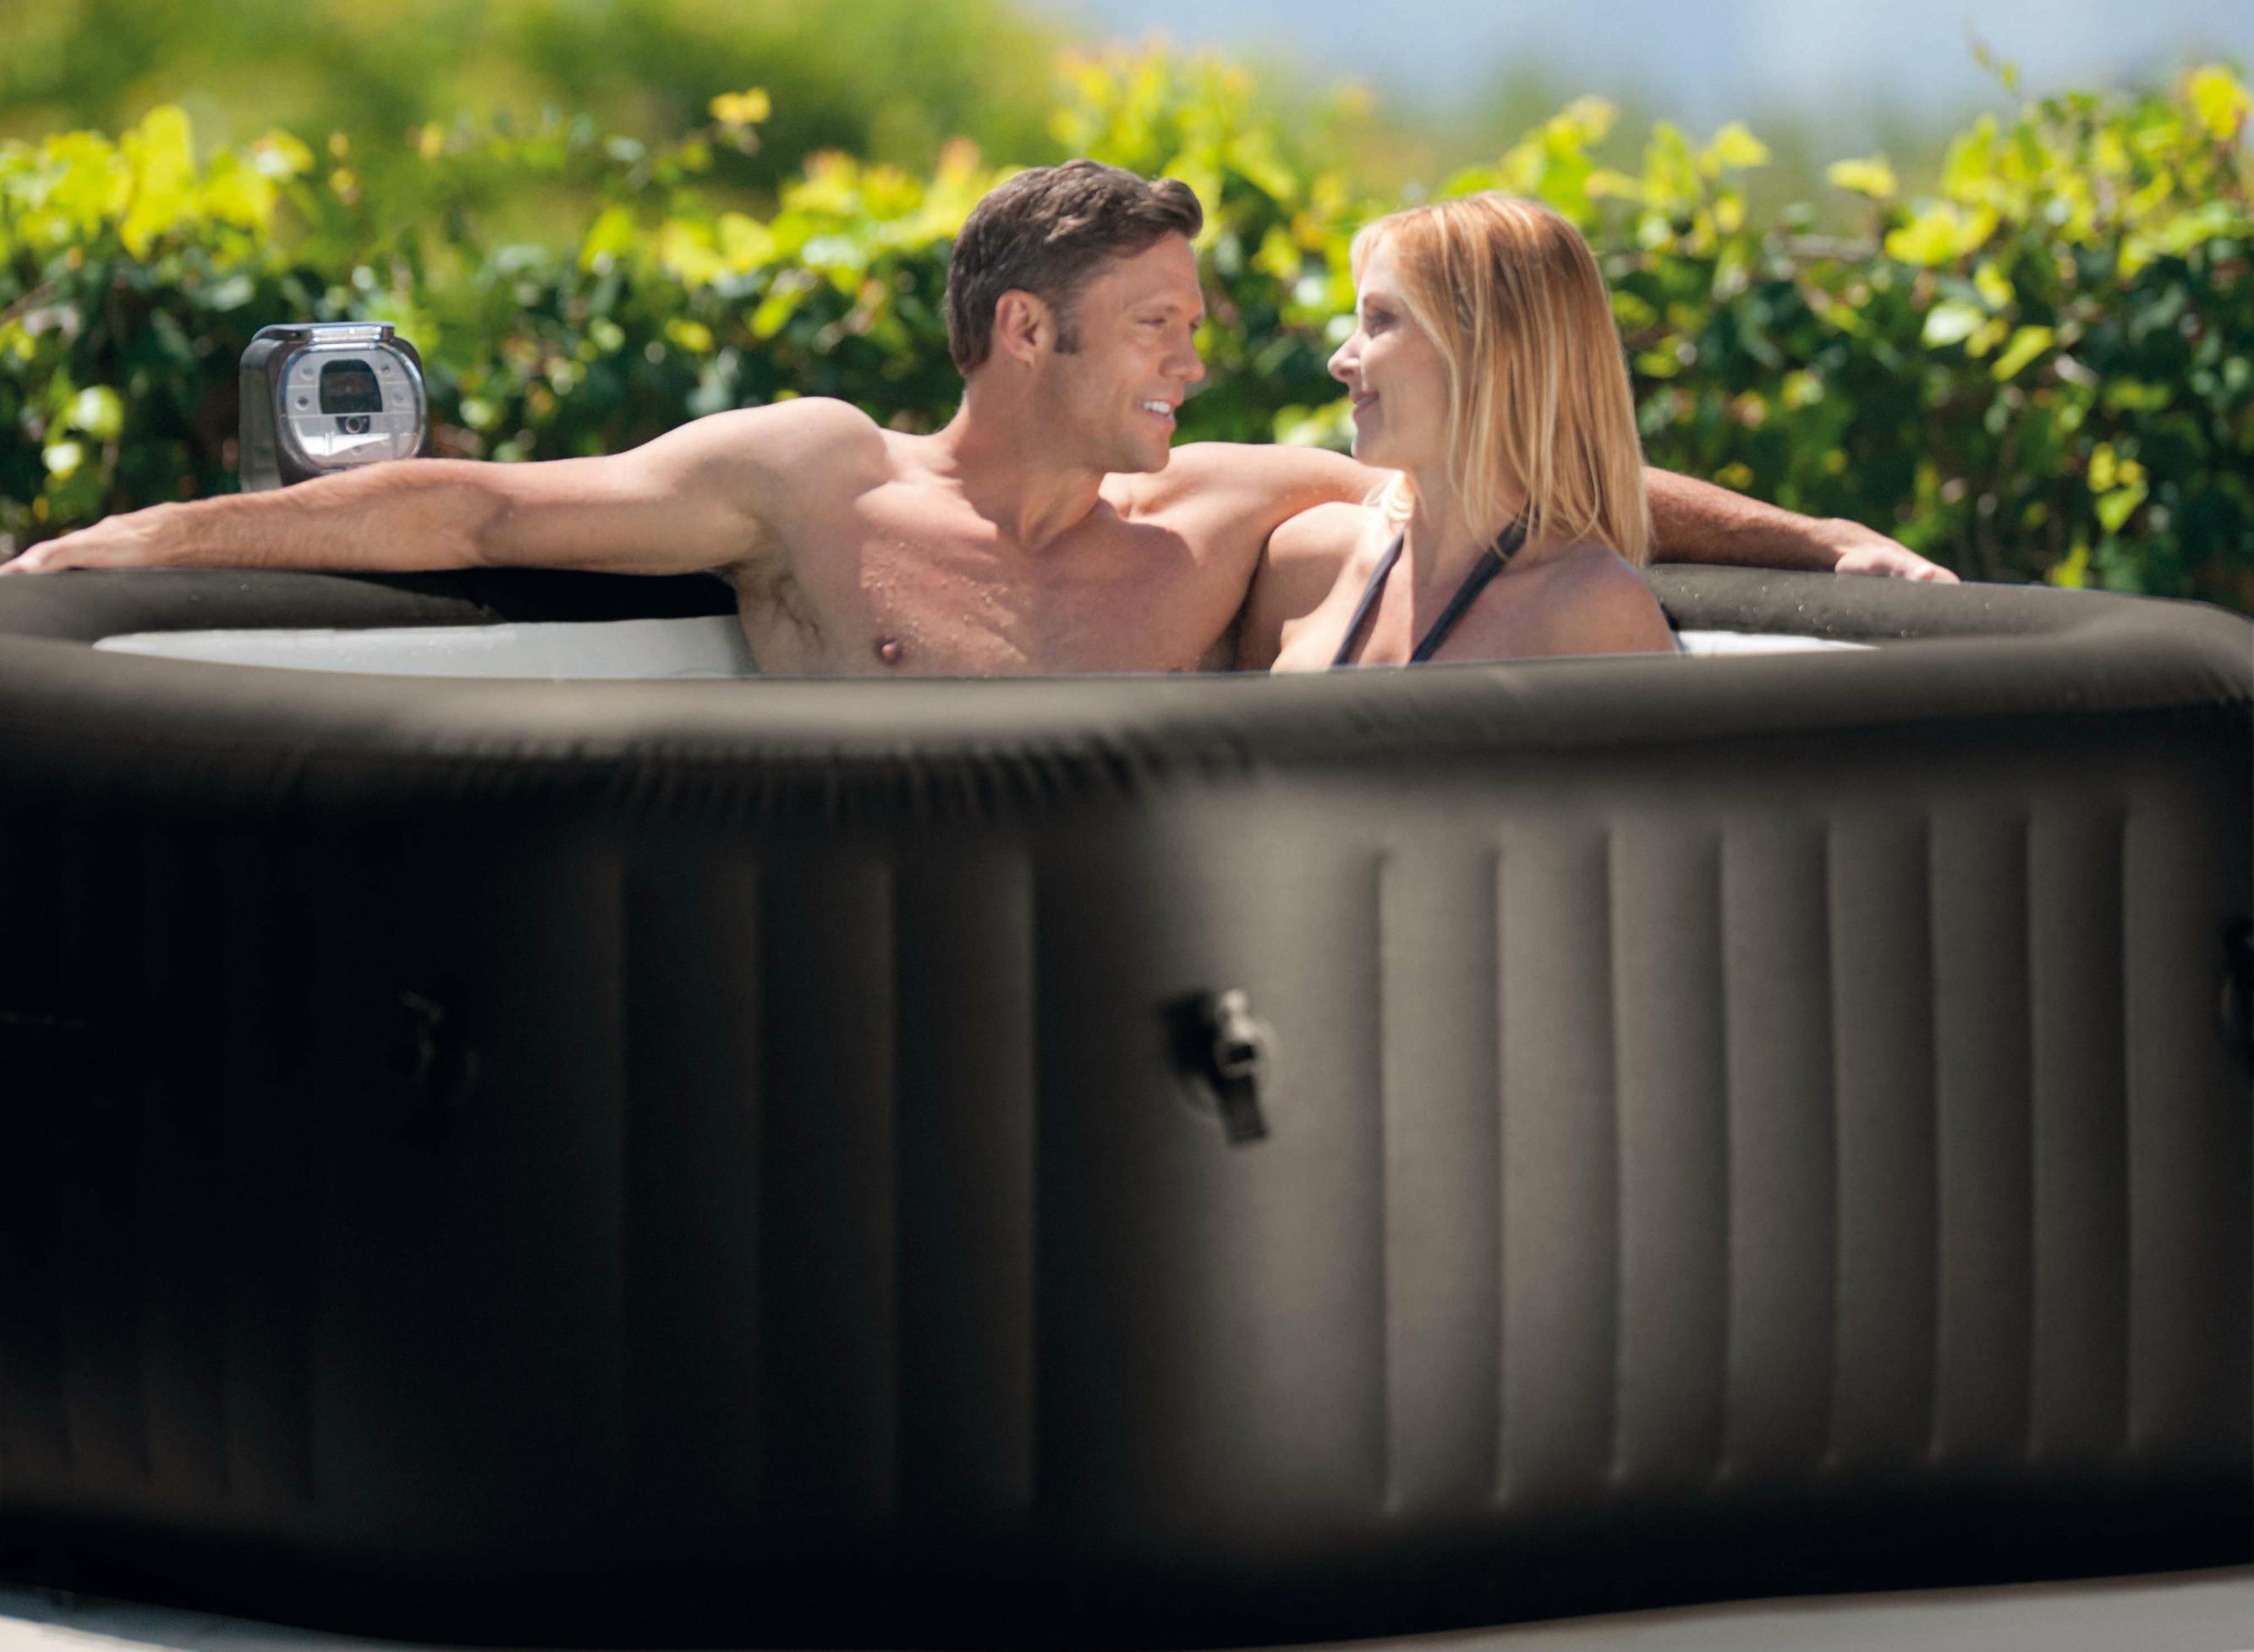 แช่น้ำร้อนลดน้ำหนัก แช่น้ำร้อนเพื่อสุขภาพผิวที่ดีขึ้น การแช่น้ำในอ่างน้ำวนจากุซซี่ อ่างน้ำสปา อ่างน้ำร้อน อ่างน้ำวนจากุซซี่ในรีสอร์ท